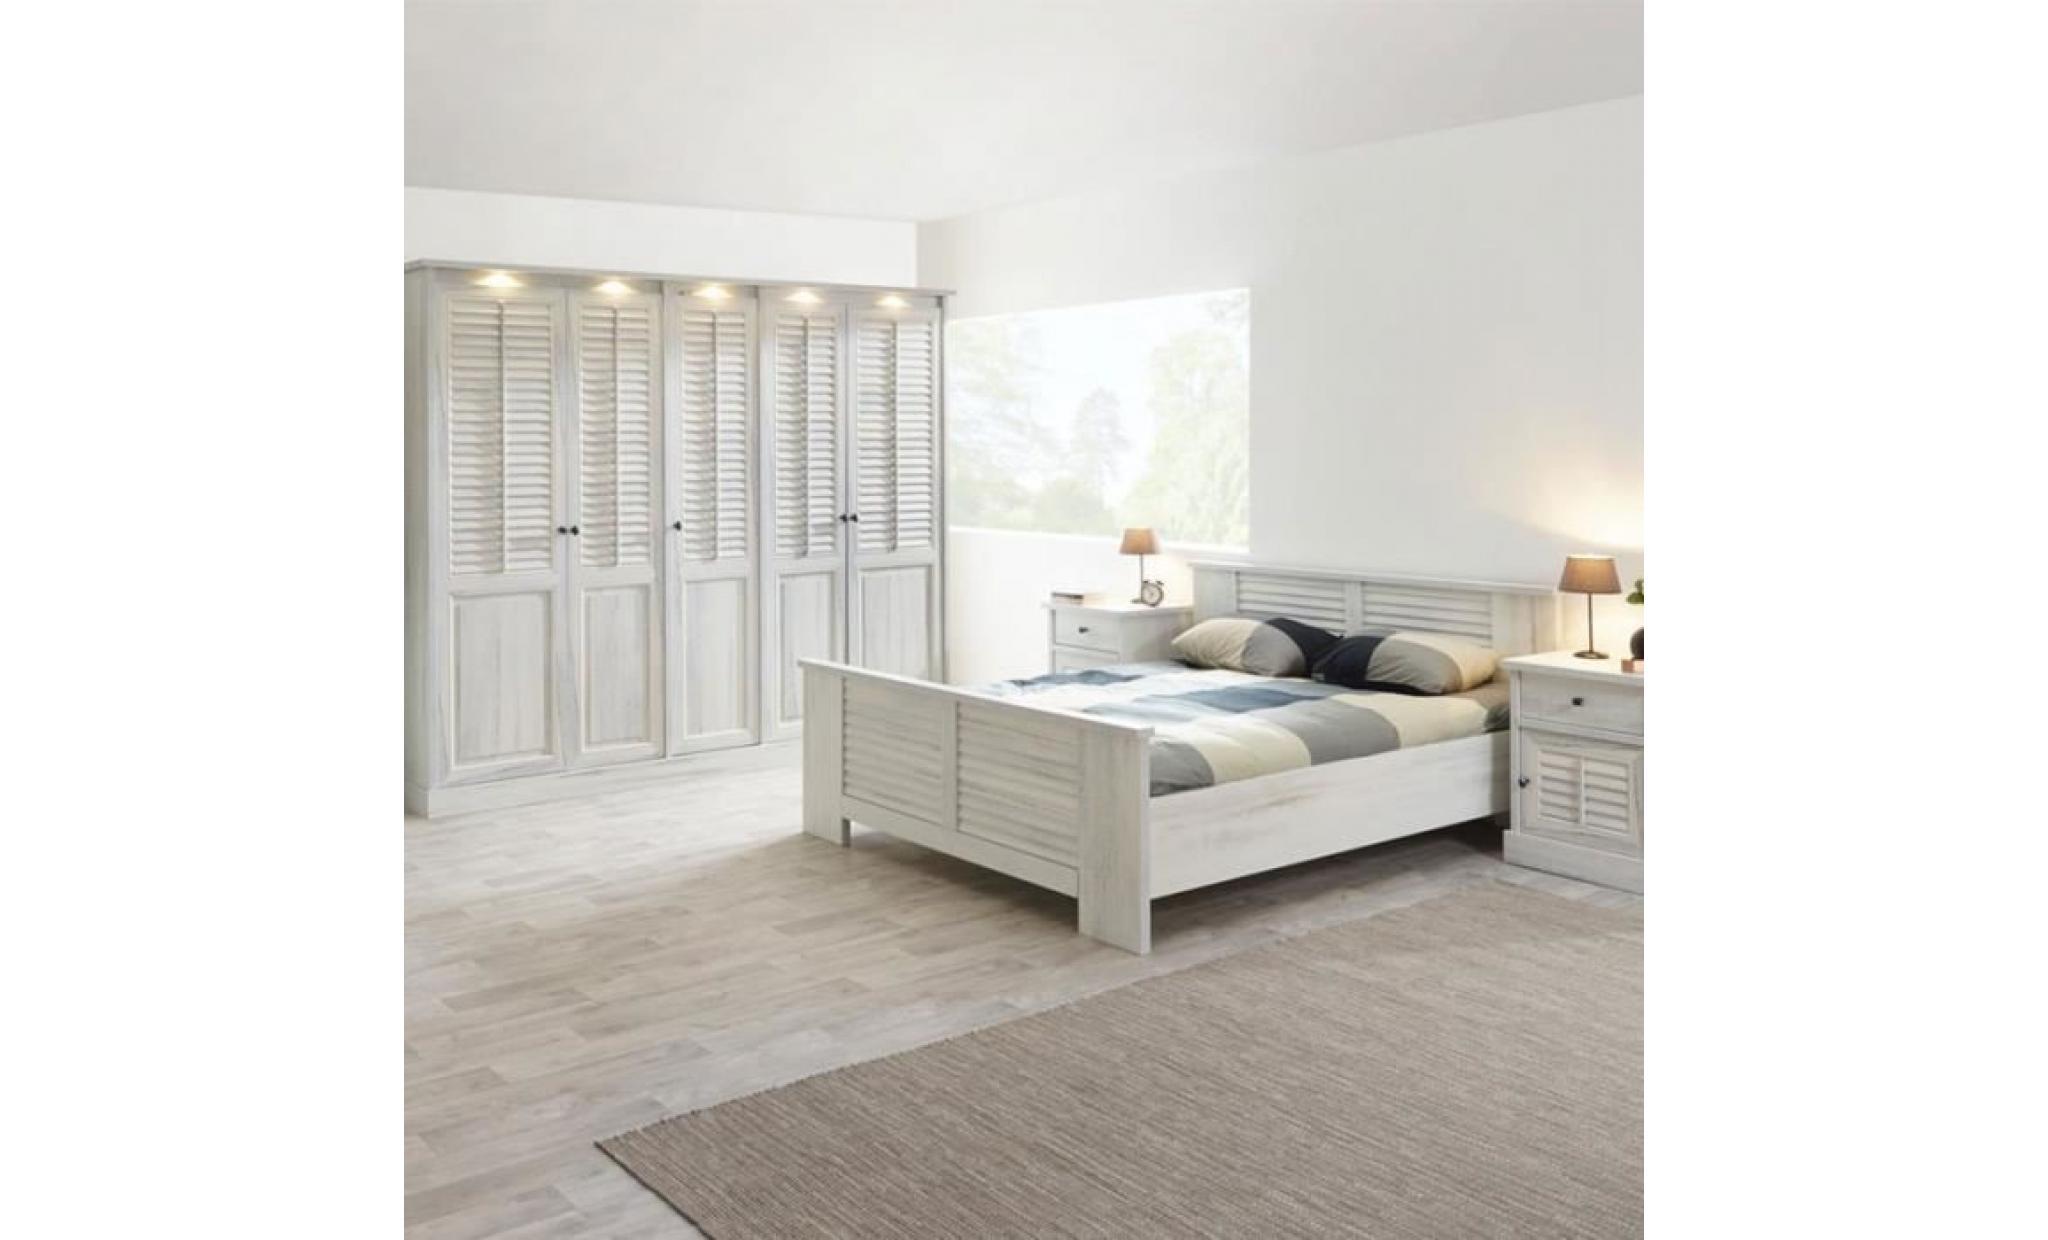 chambre adulte contemporaine arizona l 140 x p 200 cm option 1 l 140 x p  200 cm